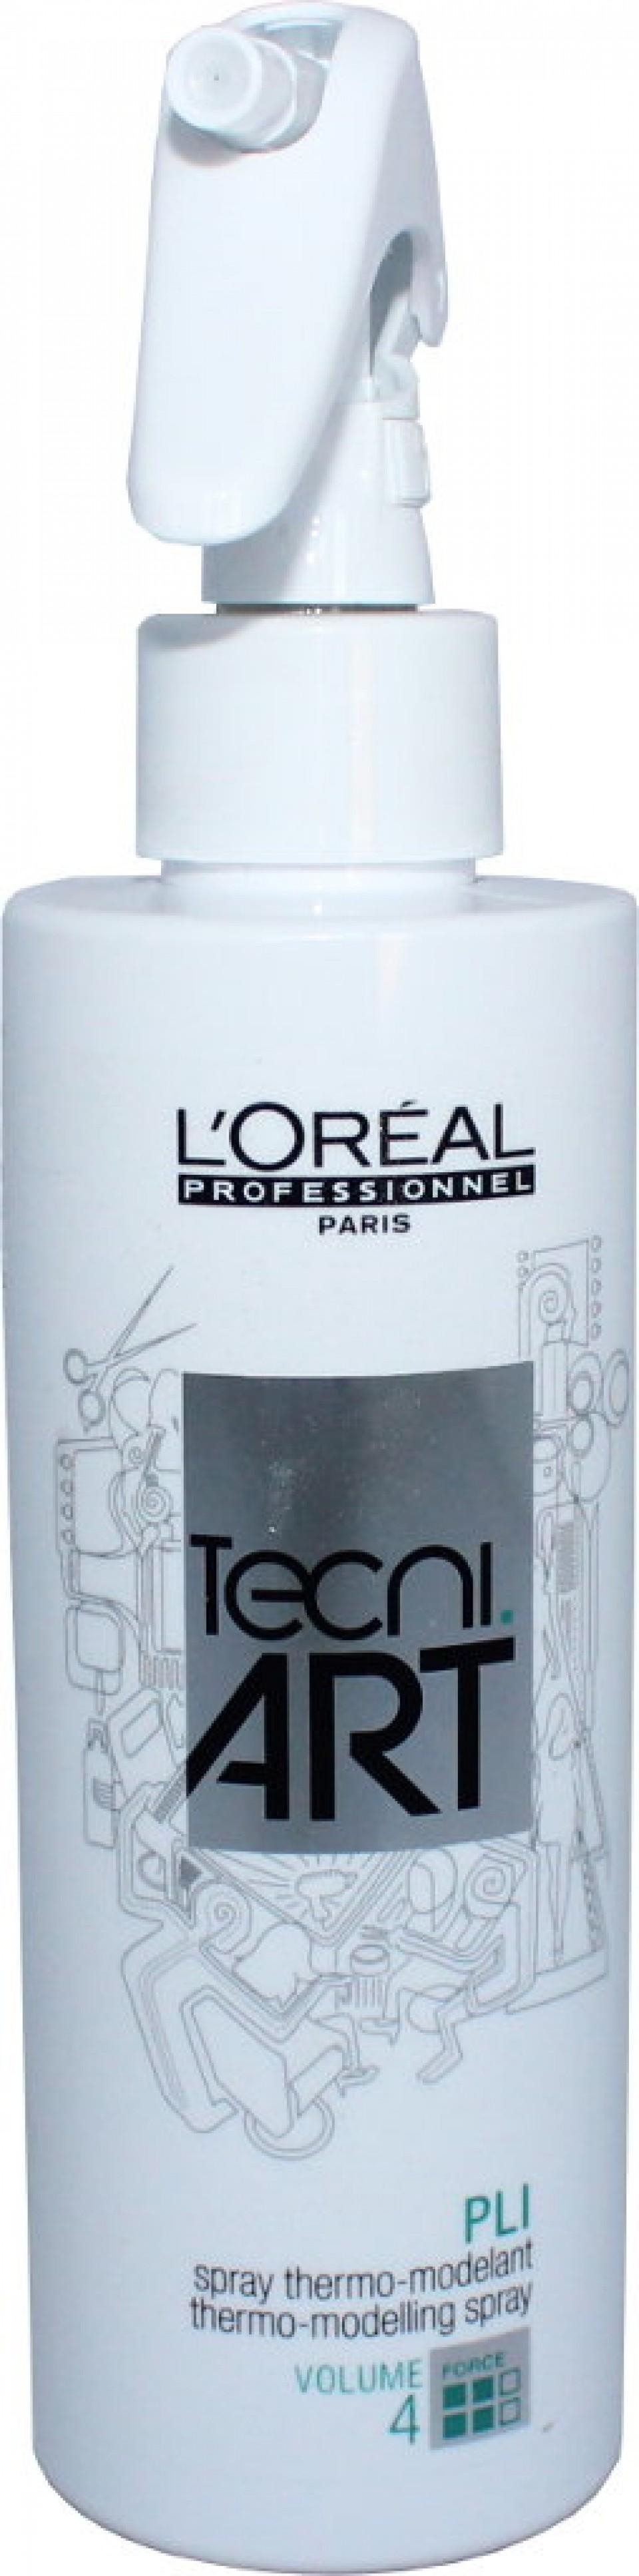 Apsaugantis nuo karščio plaukus formuojantis purškiklis L'oreal Tec ni Art PLI Spray Thermo-modeling spray 4 190 ml-0